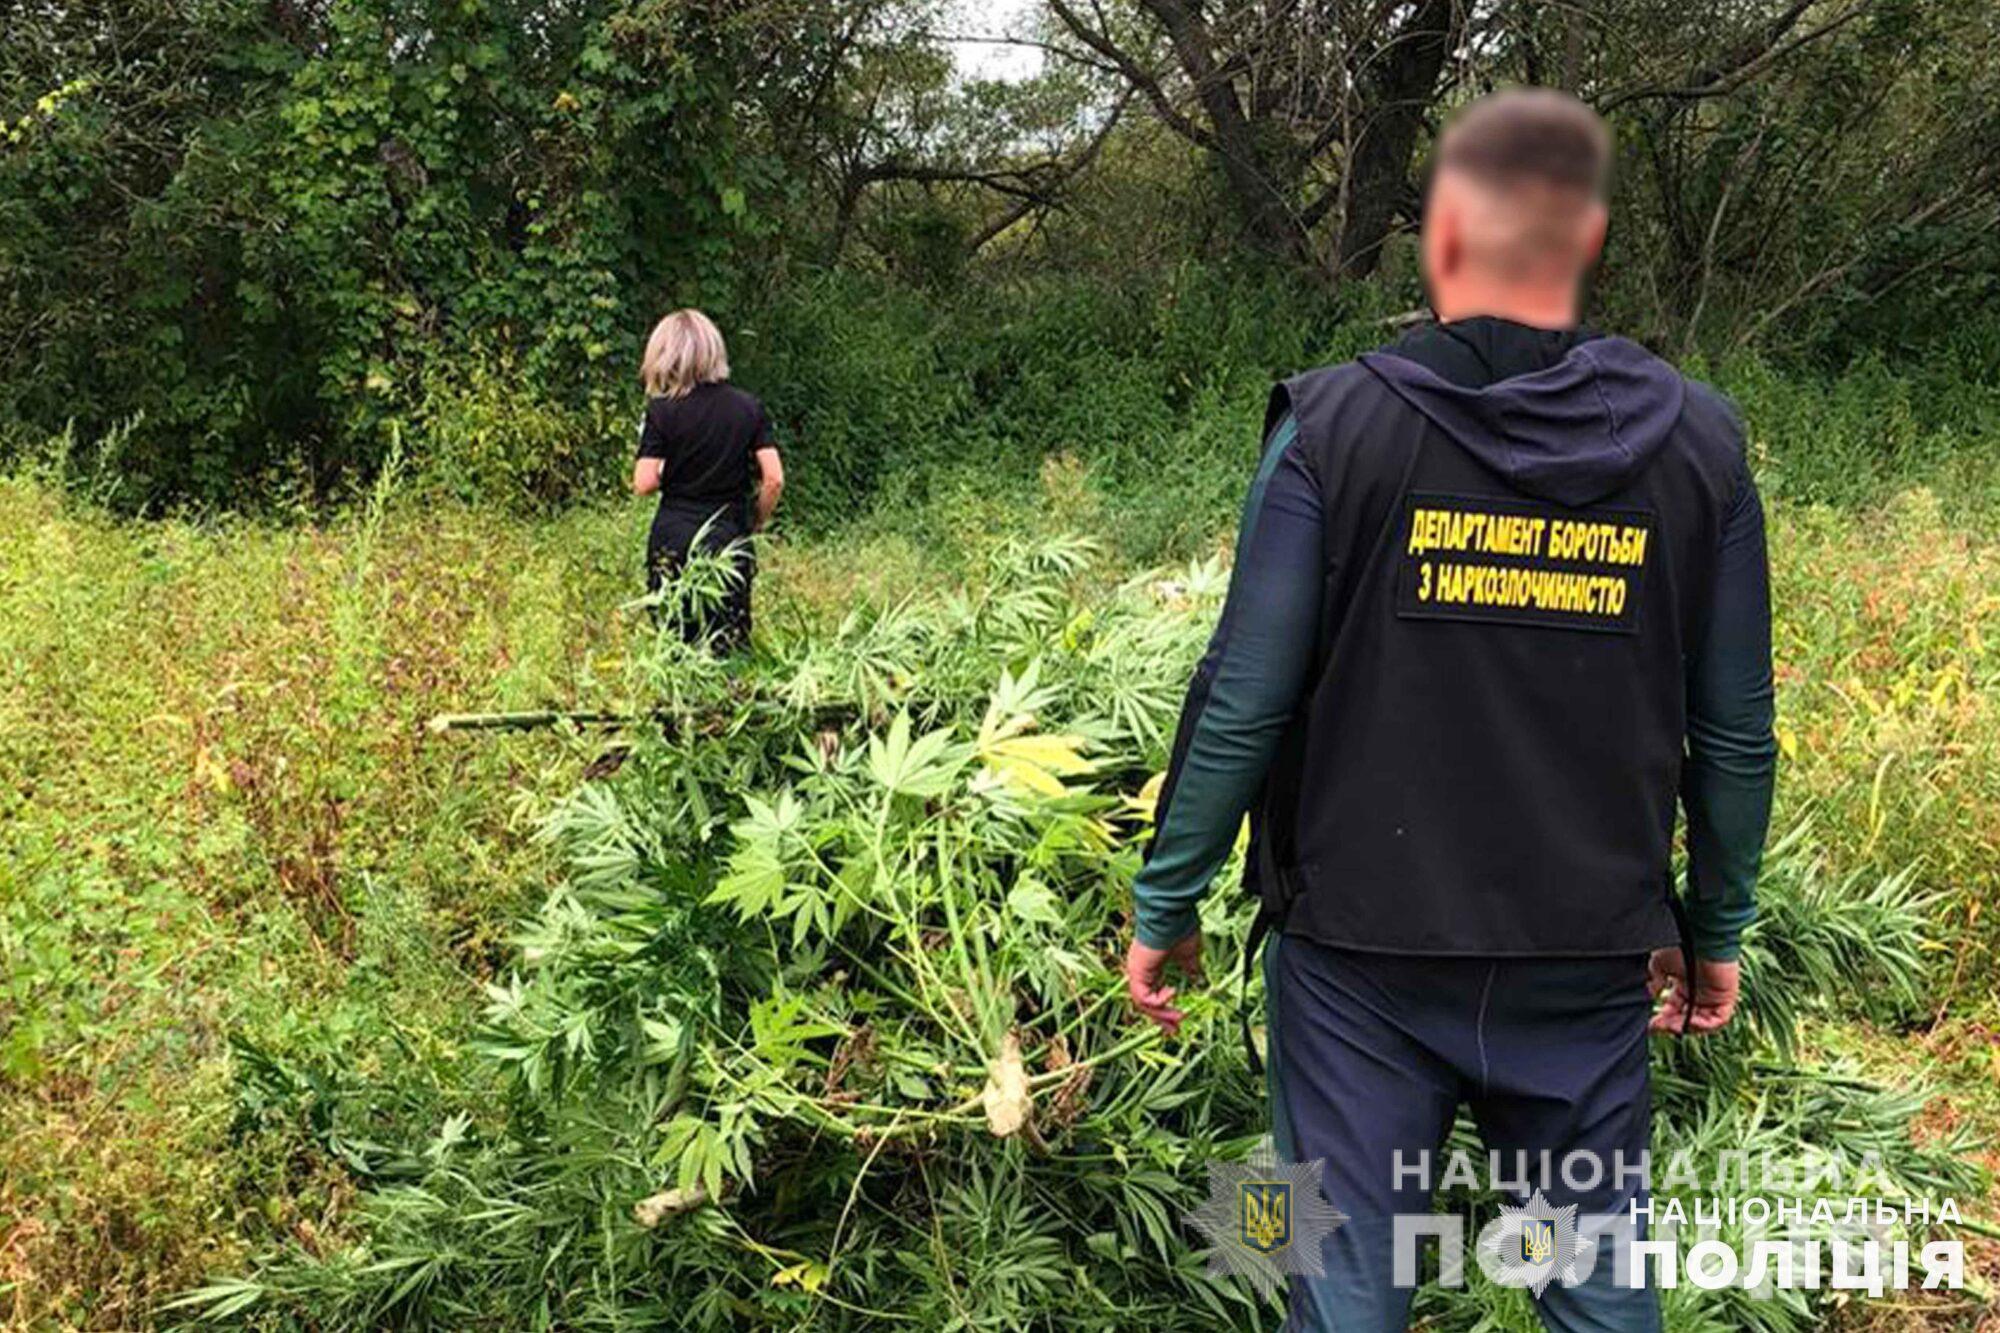 У сквирському лісі виявили таємну плантацію конопель (відео) - Сквира, поліція Київської області, коноплі - Konoplya 6 2000x1333